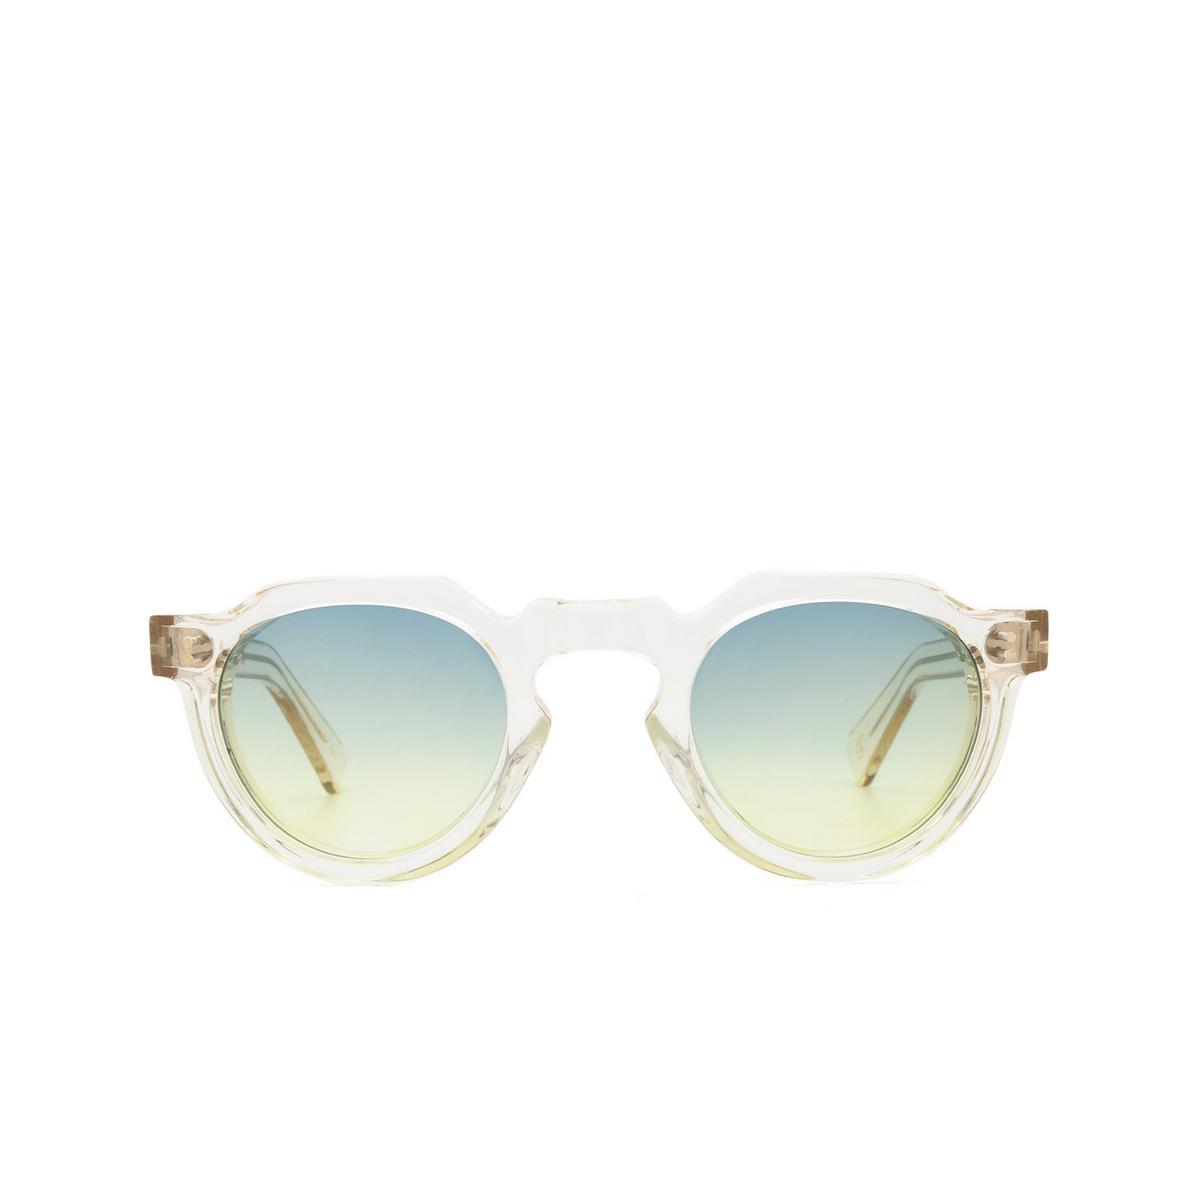 Lesca® Irregular Sunglasses: Crown Panto X Mia Burton color 21 - LOUD MIND / SOFT VOICE GRADIENT - front view.